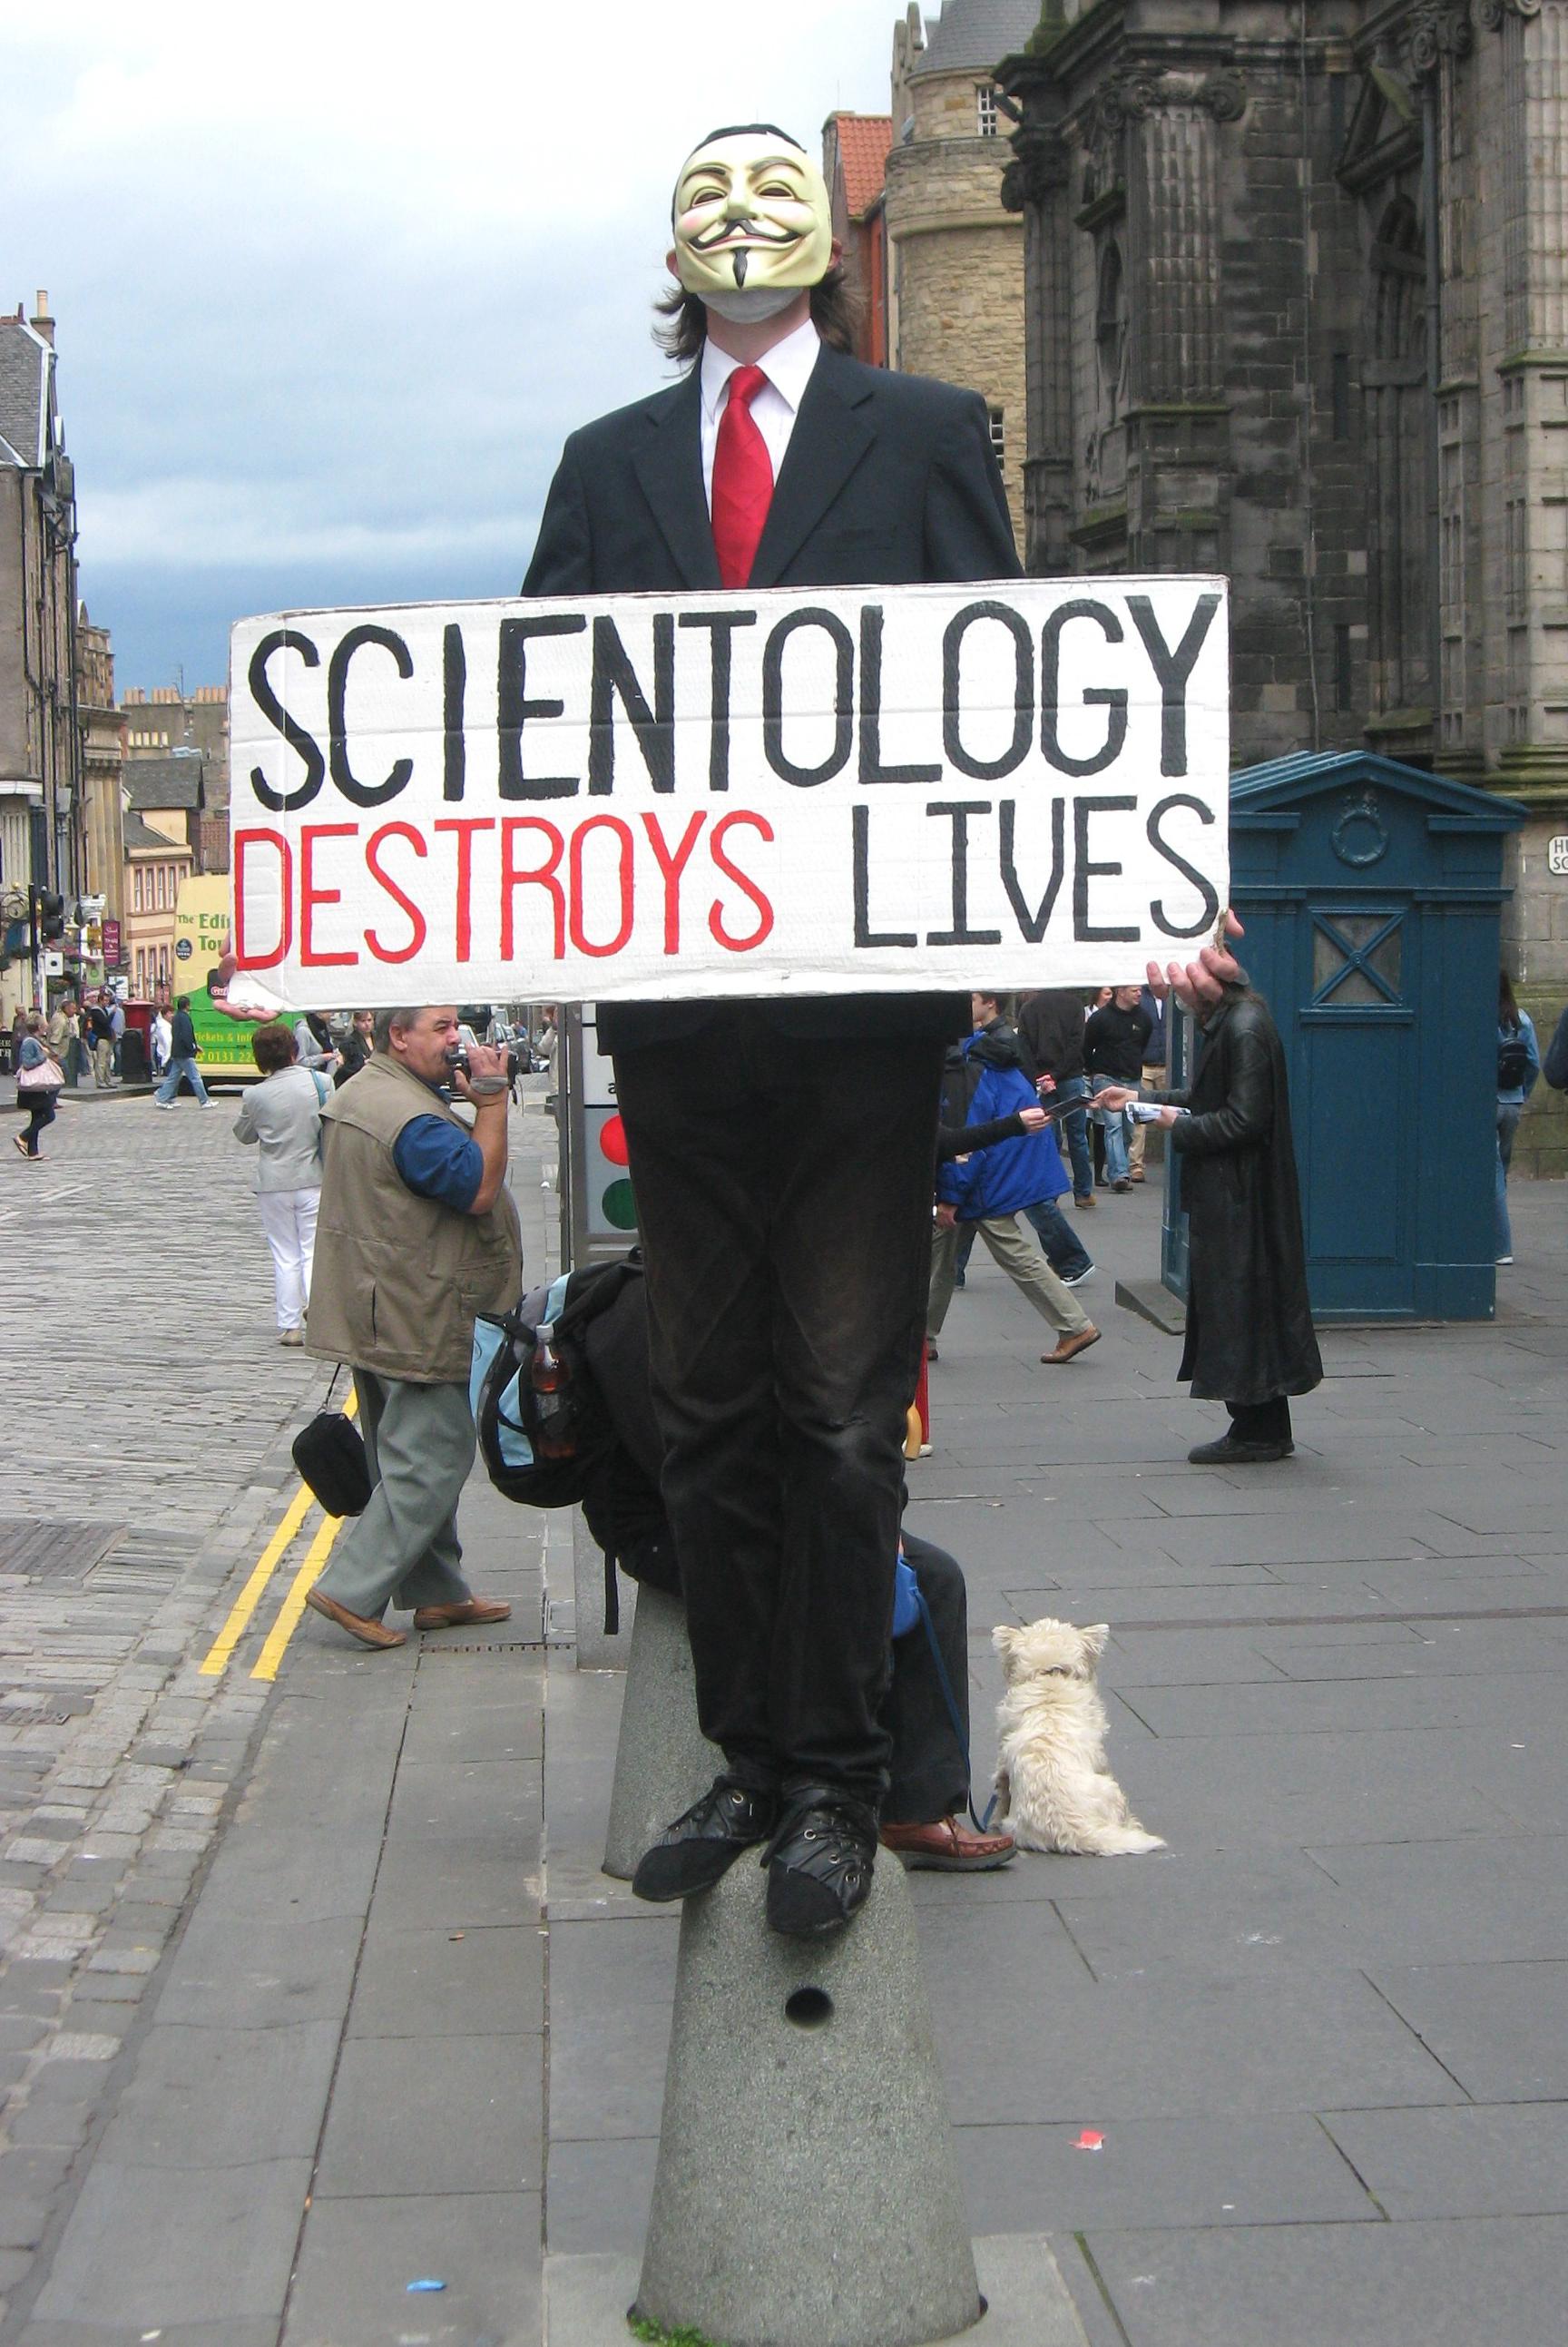 Scientology_Protestor Маска Гая Фокса - это... Что такое Маска Гая Фокса?